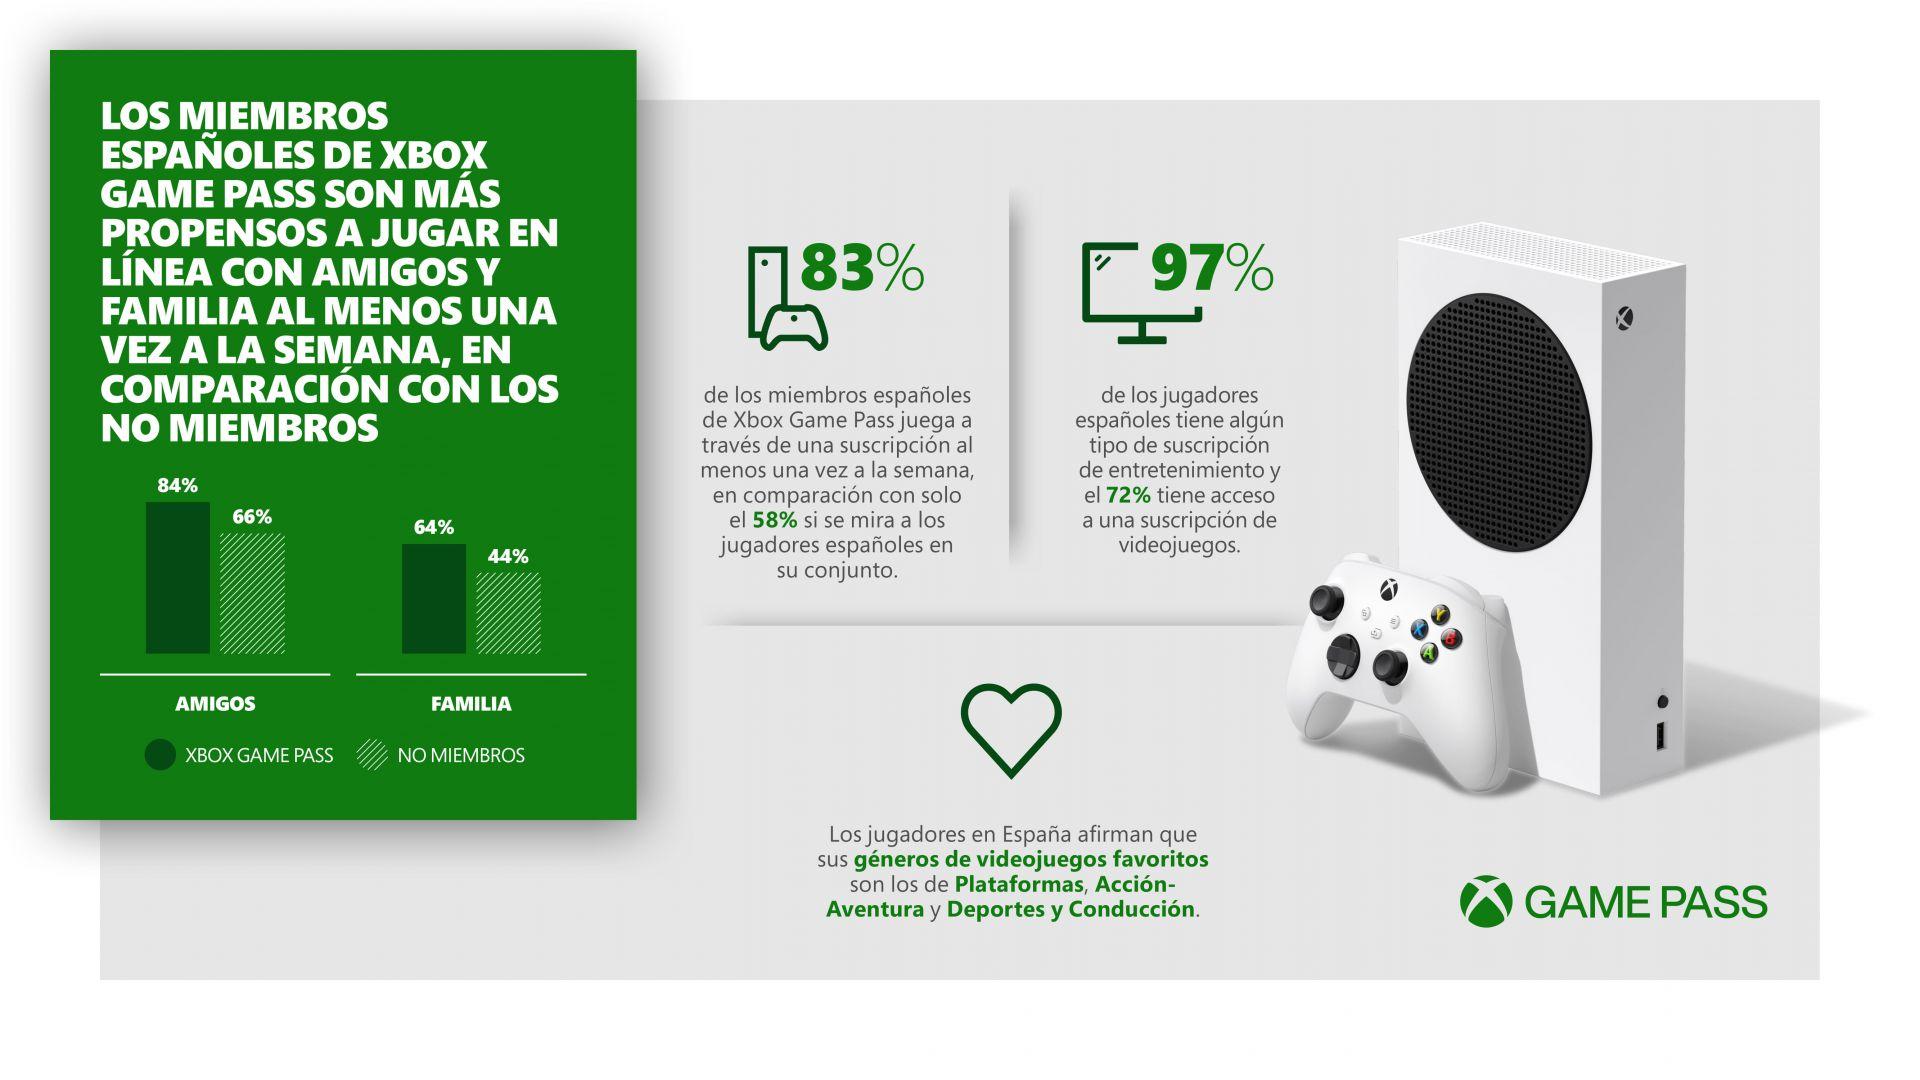 Xbox Game Pass y los jugadores españoles: Más sociales, más conectados - Un reciente estudio de Xbox nos enseña las estadísticas de los usuarios de Xbox Game Pass en España.